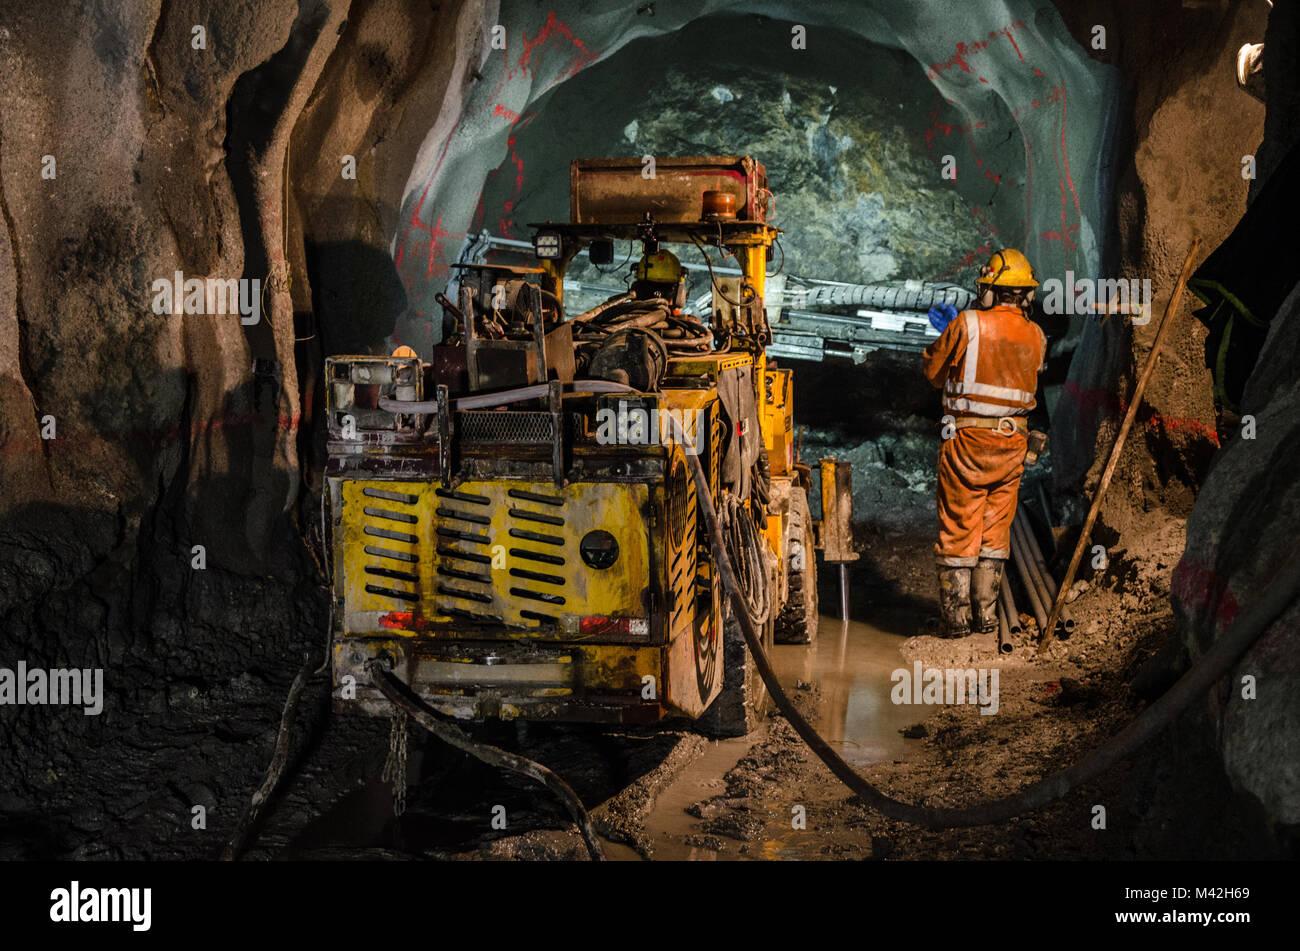 Mechanic of mining machines - Stock Image